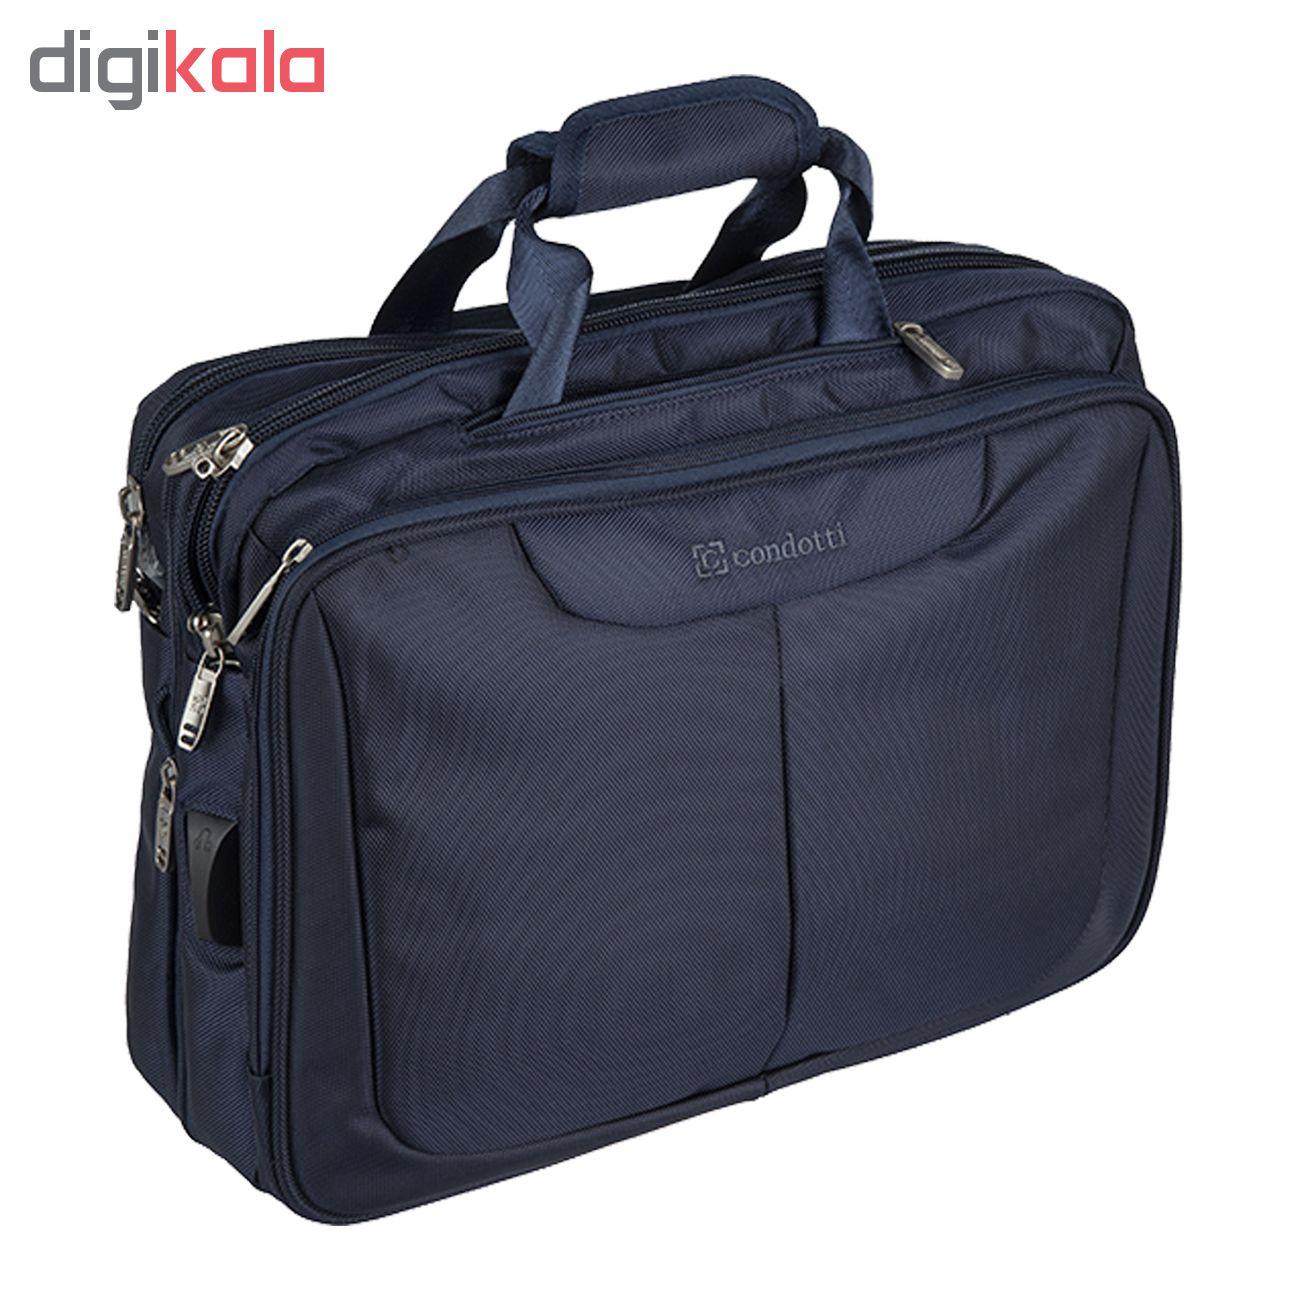 کیف لپ تاپ کندوتی مدل TE-370-1 مناسب برای لپ تاپ 15.6 اینچ به همراه کیف رودوشی